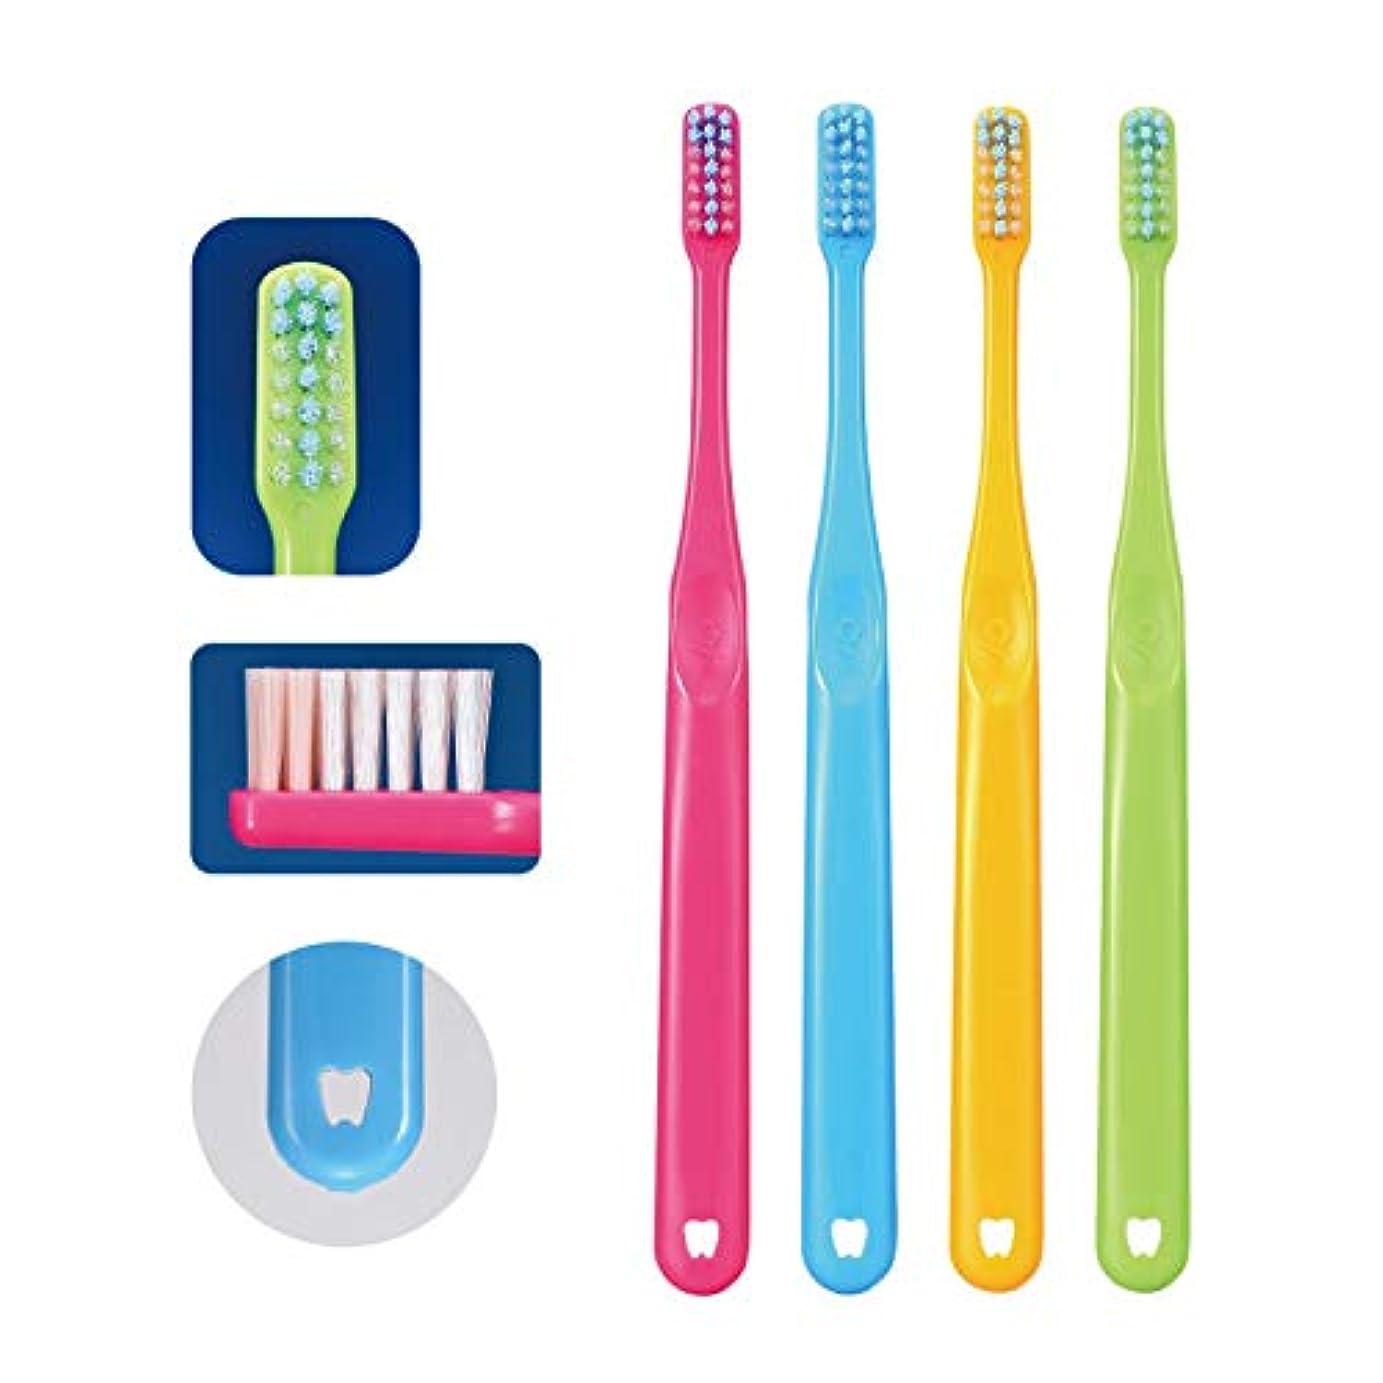 重要受付オークションCi PRO PLUS プロプラス 歯ブラシ 20本 M(ふつう) 日本製 プラーク除去 歯科専売品